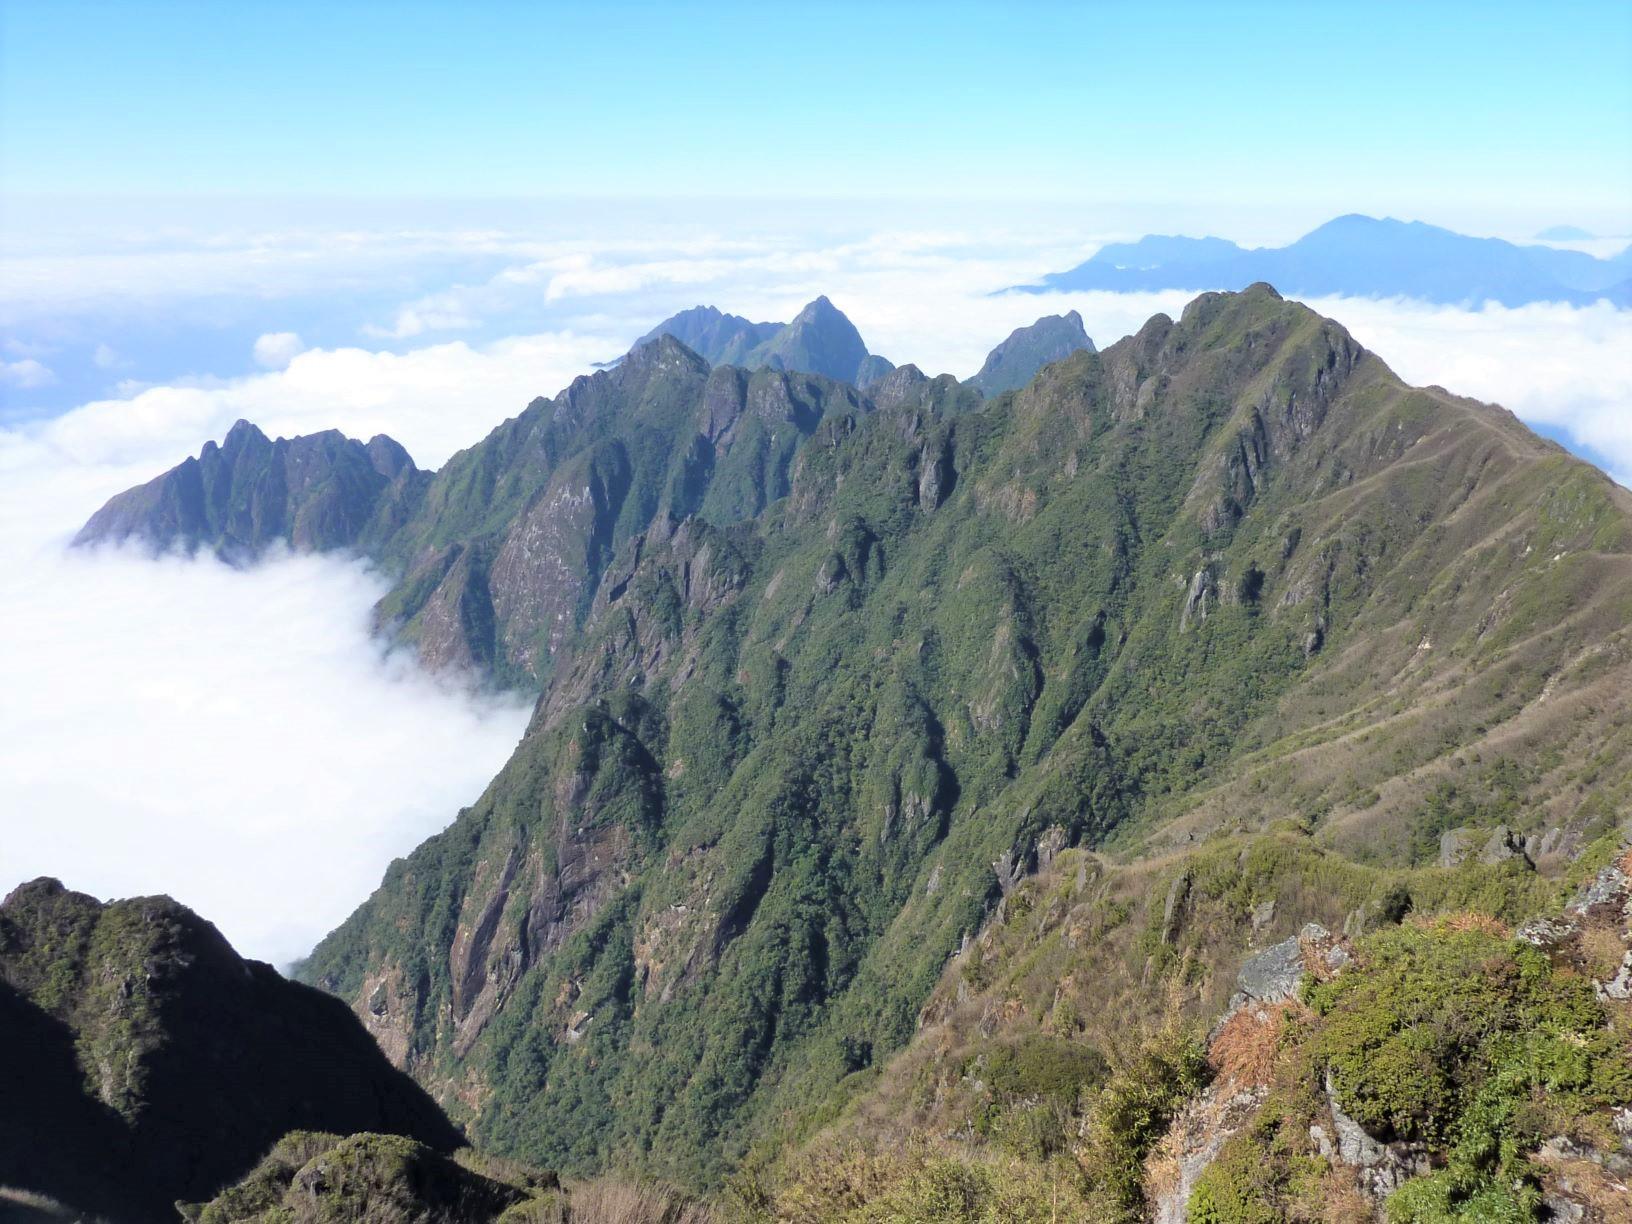 ベトナム最高峰ファンシーパン(3,143m)の山頂から望む雄大な景色(3日目)